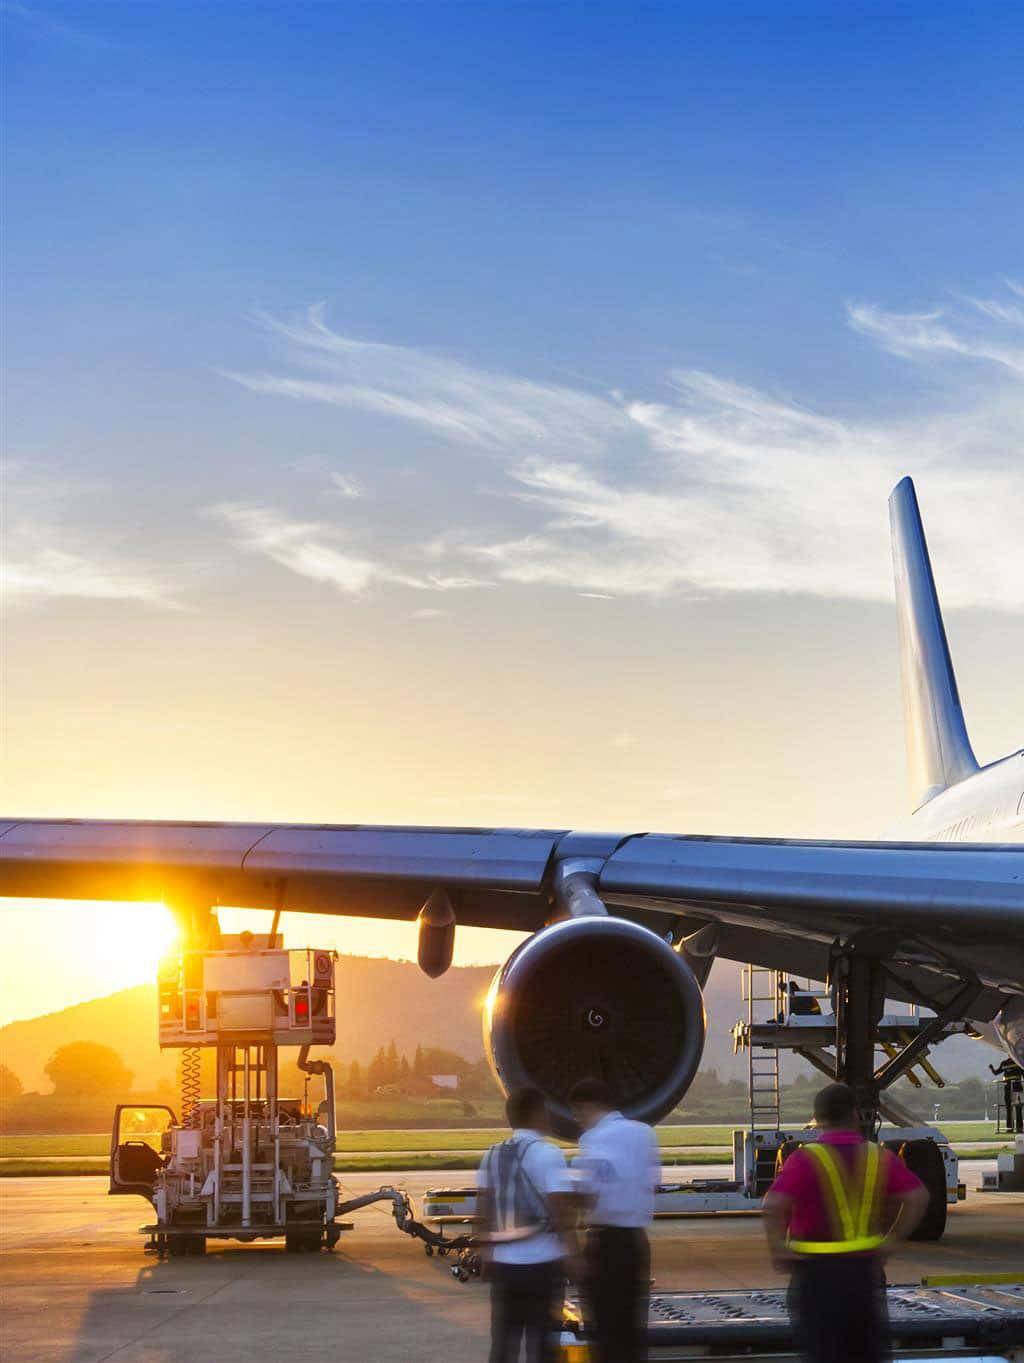 fret aérien et transports internationaux à Genève en Suisse romande